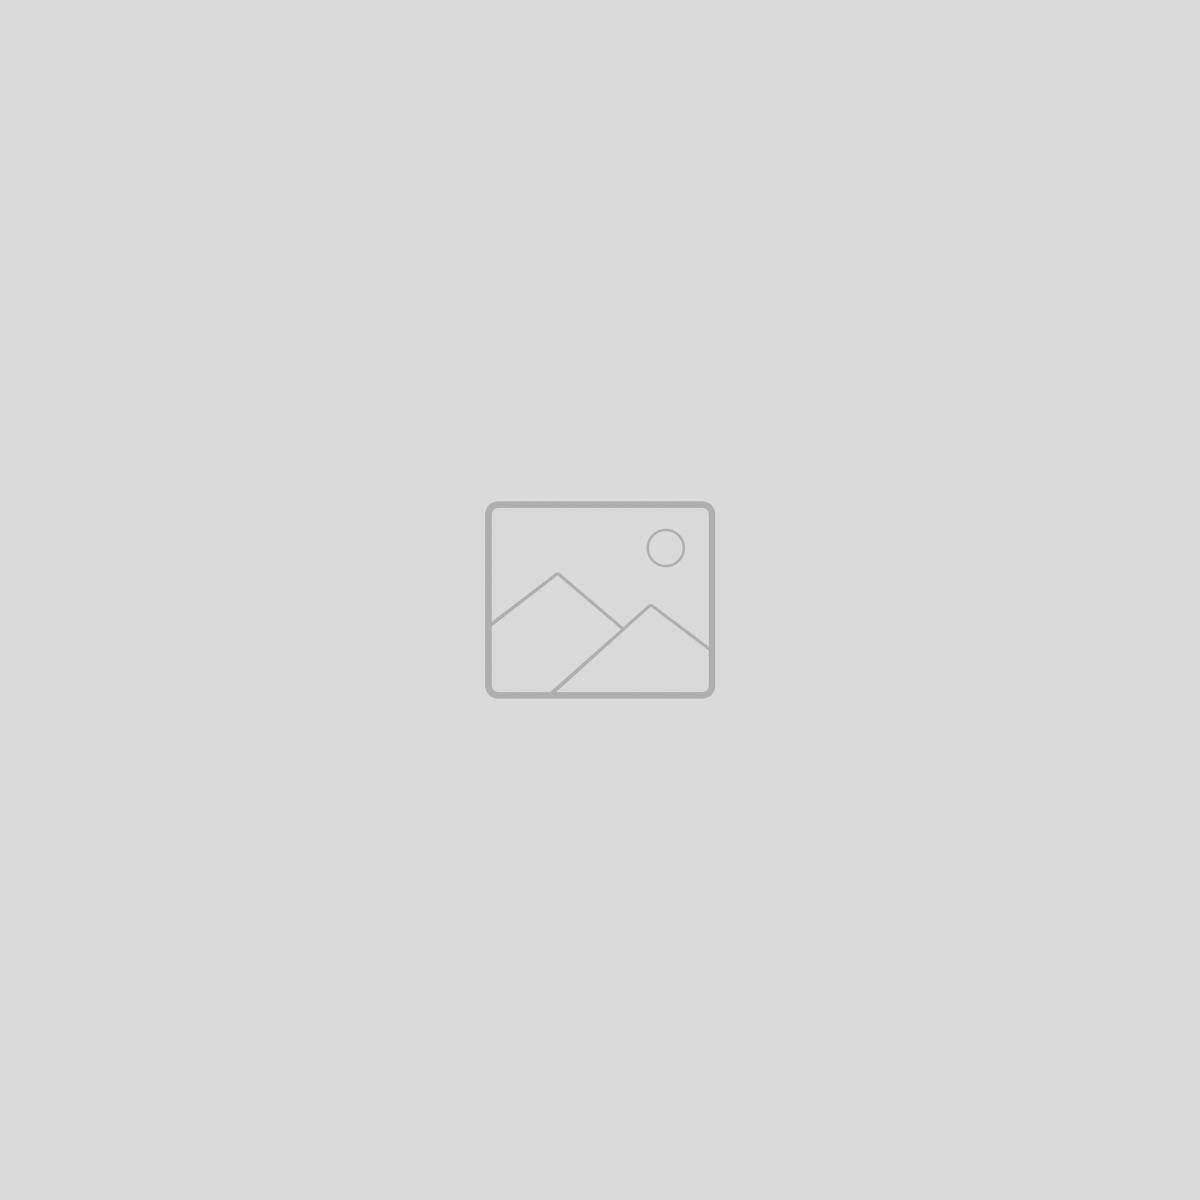 بطارية أورجينال صيني سامسونج J700 J7 2015